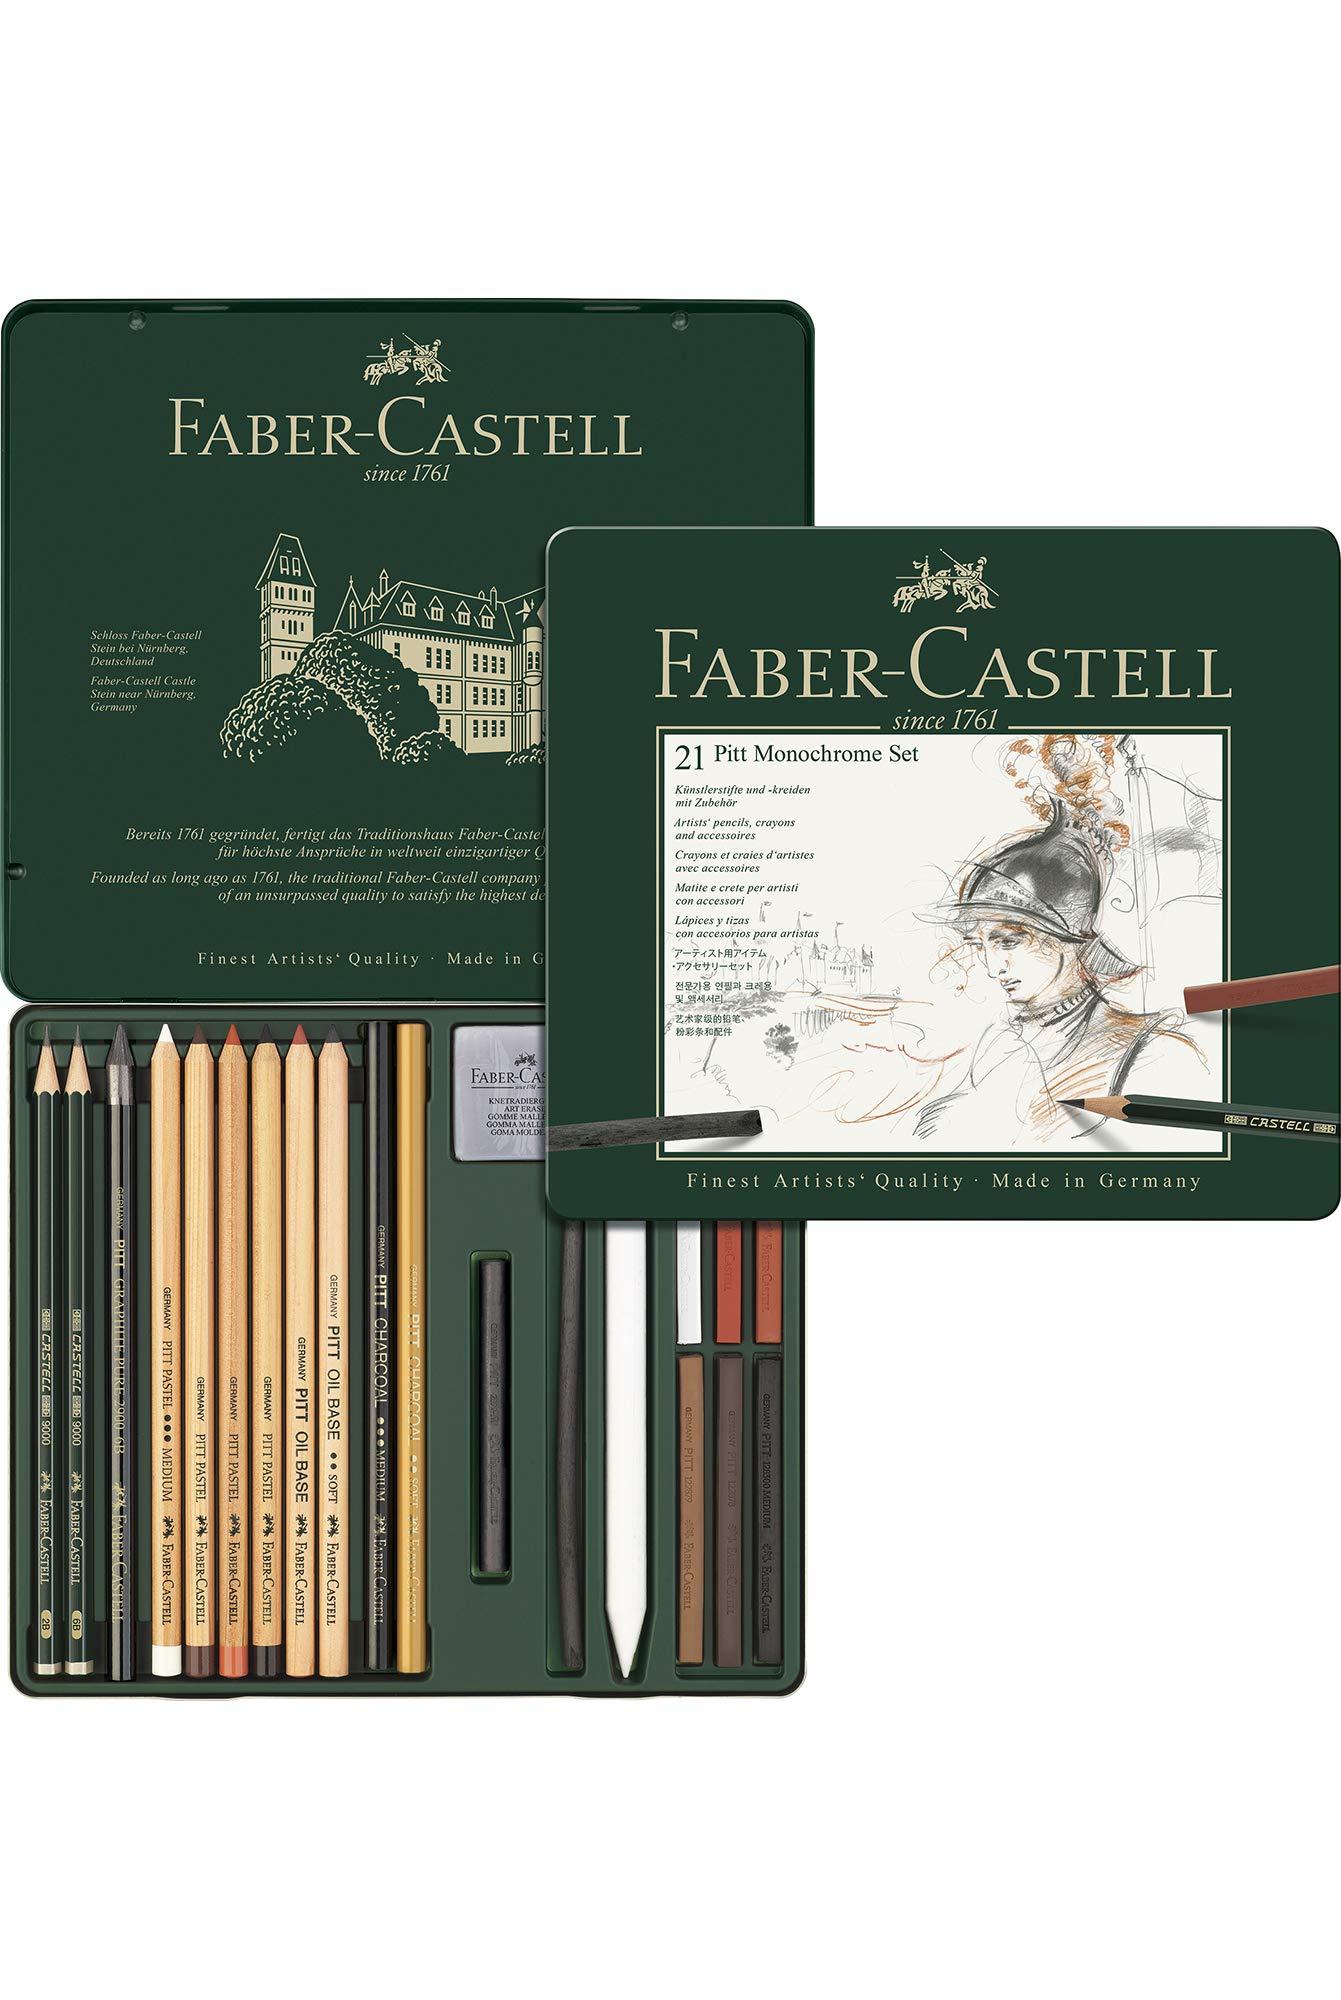 Faber-Castell 112977 - Pitt Monochrome Set en caja de metal ...